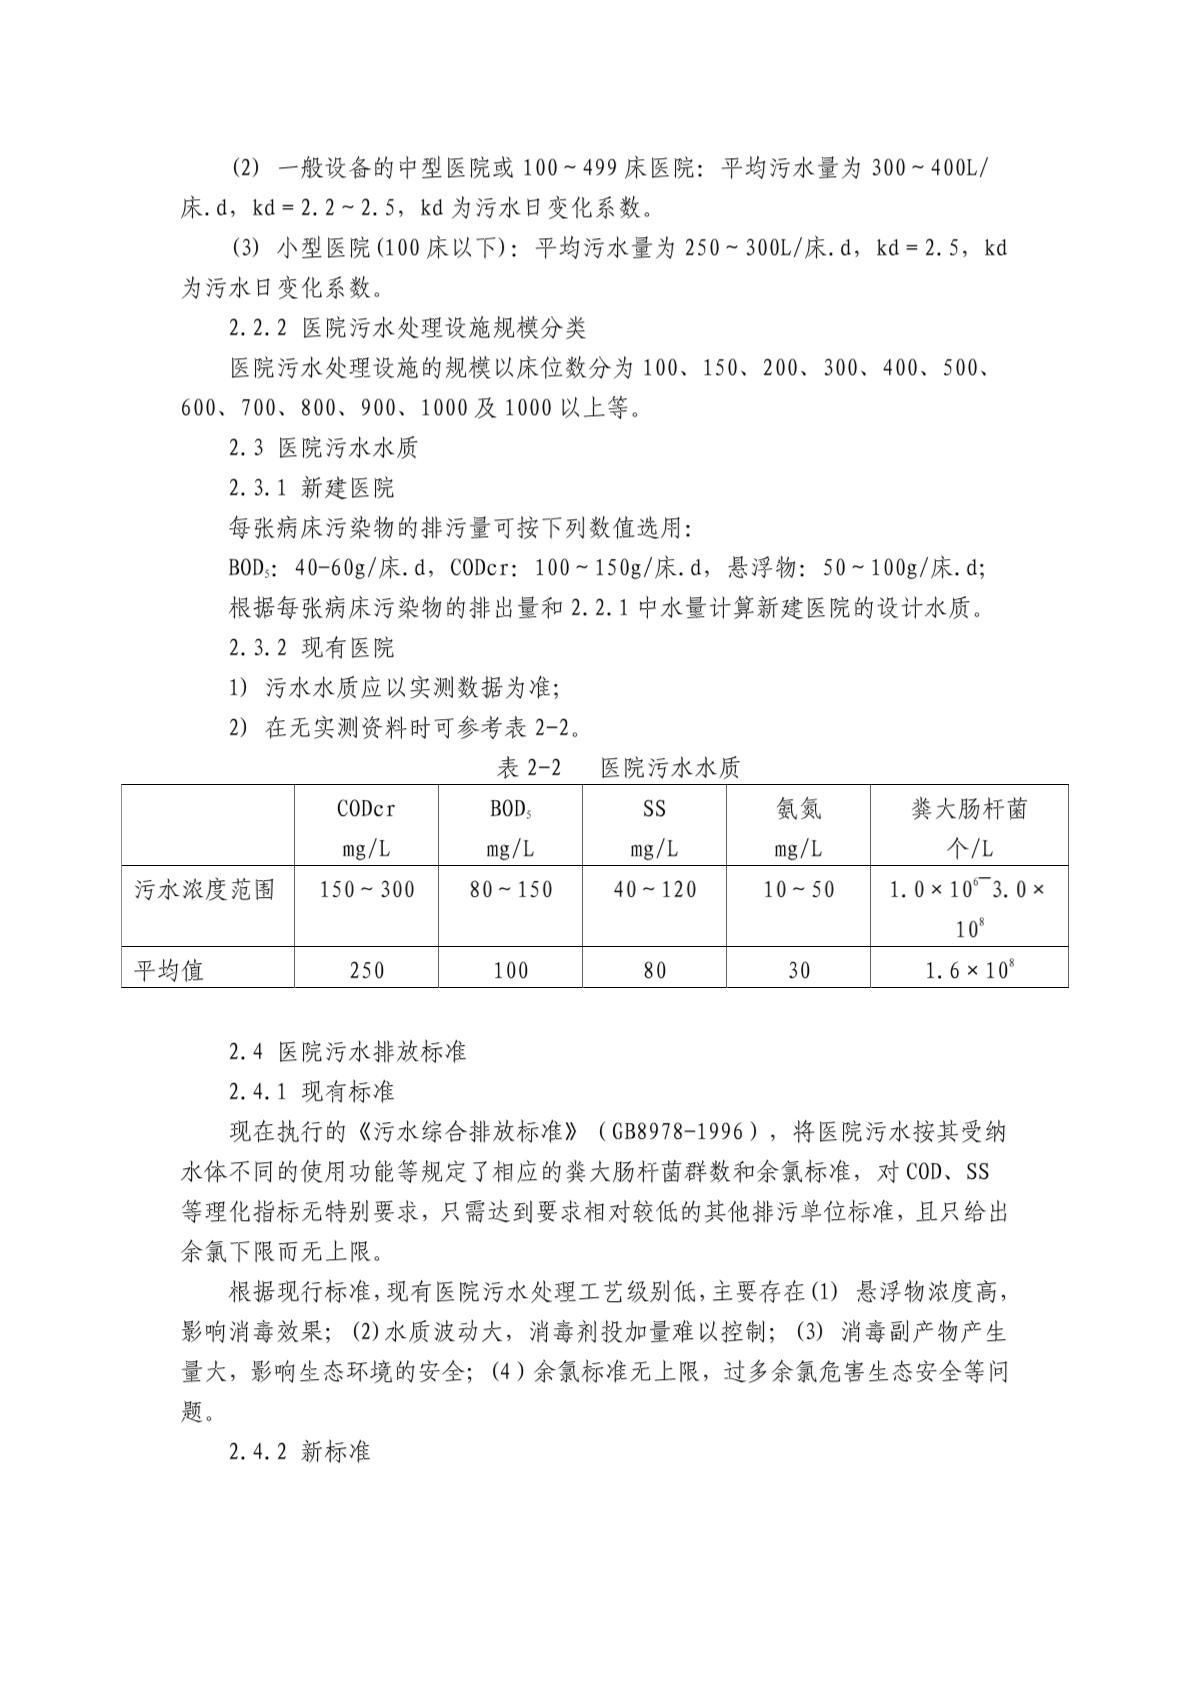 08226-医院污水处理技术指南-图二